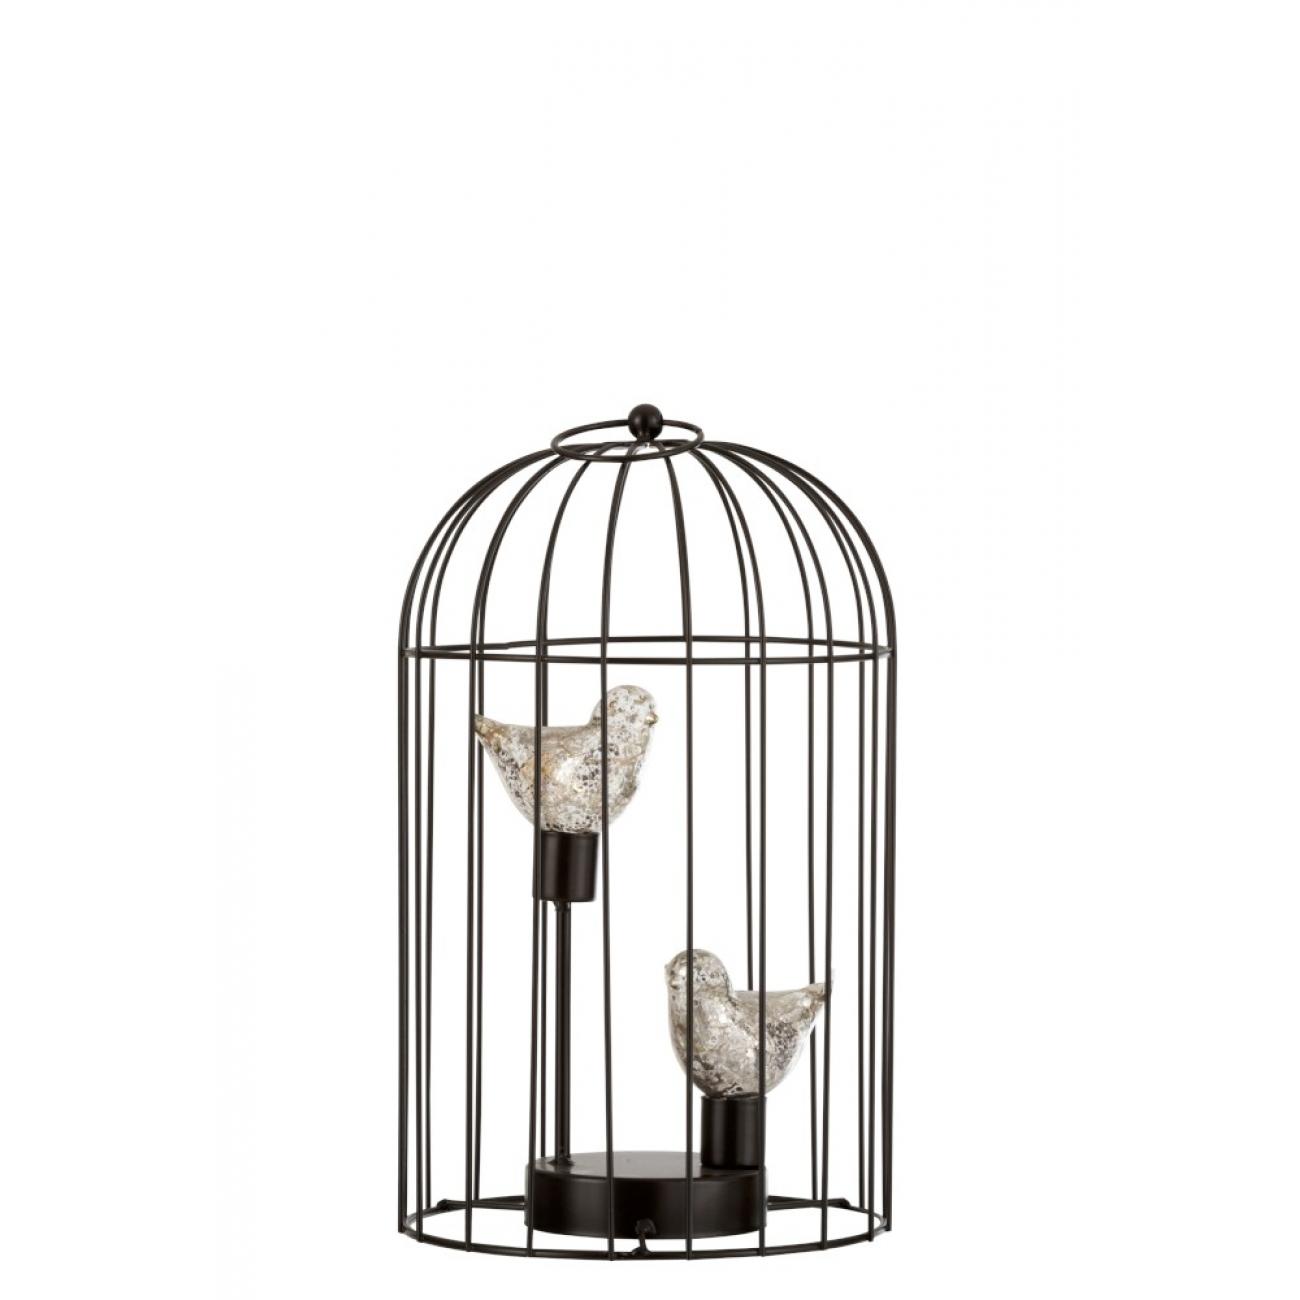 Ночник  J-LINE в виде двух птичек серебристого цвета в клетке высота 36 см